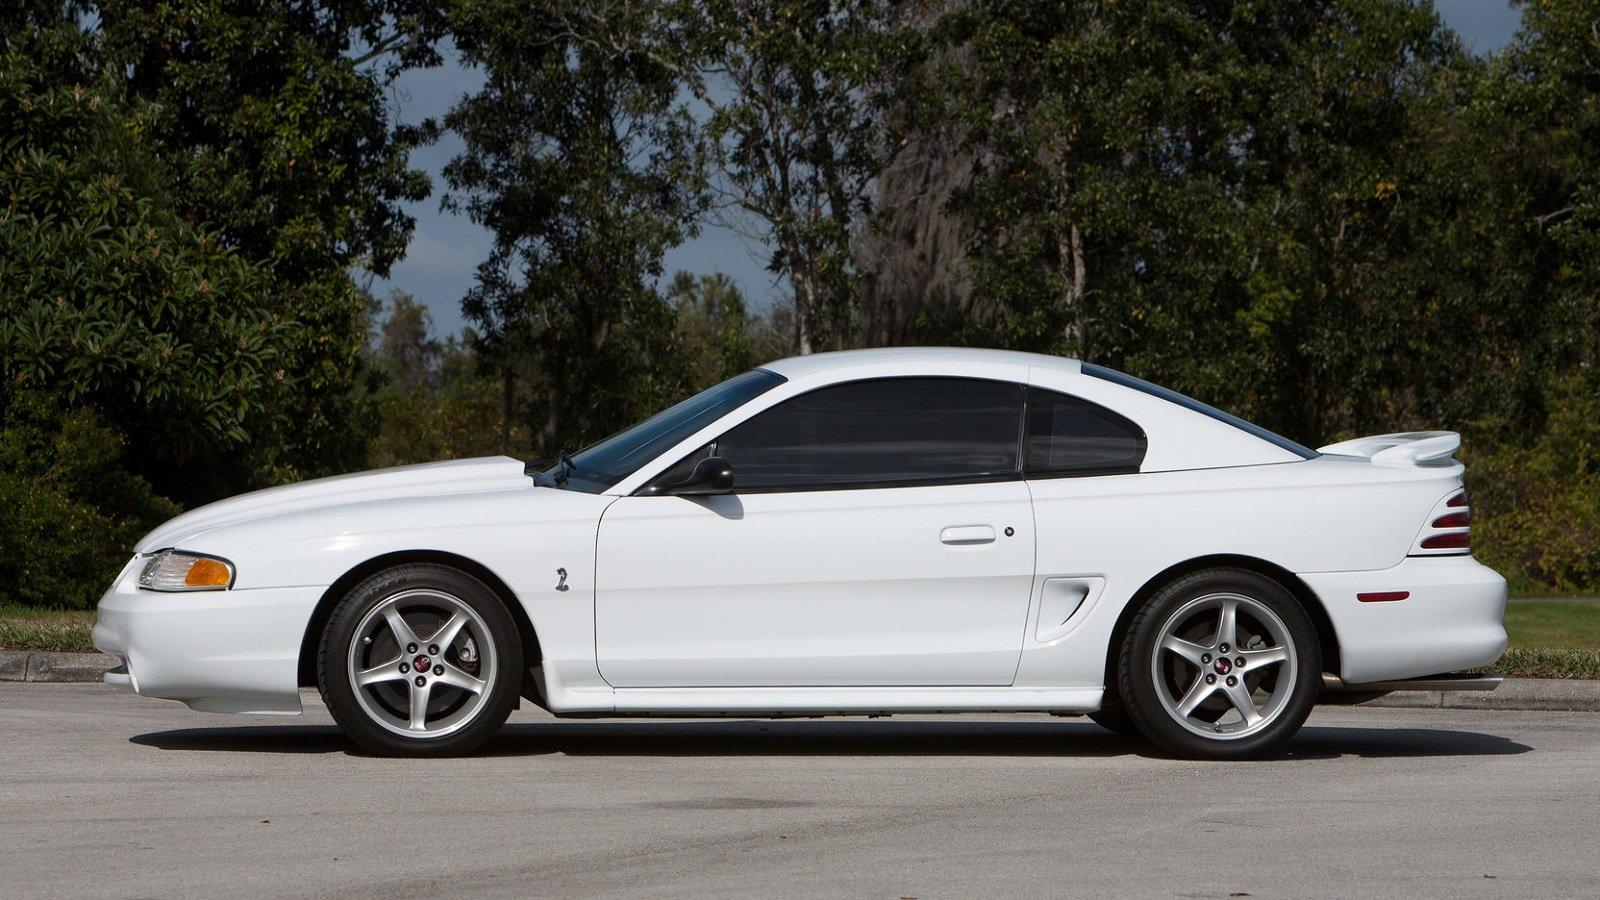 1995 Mustang Cobra R